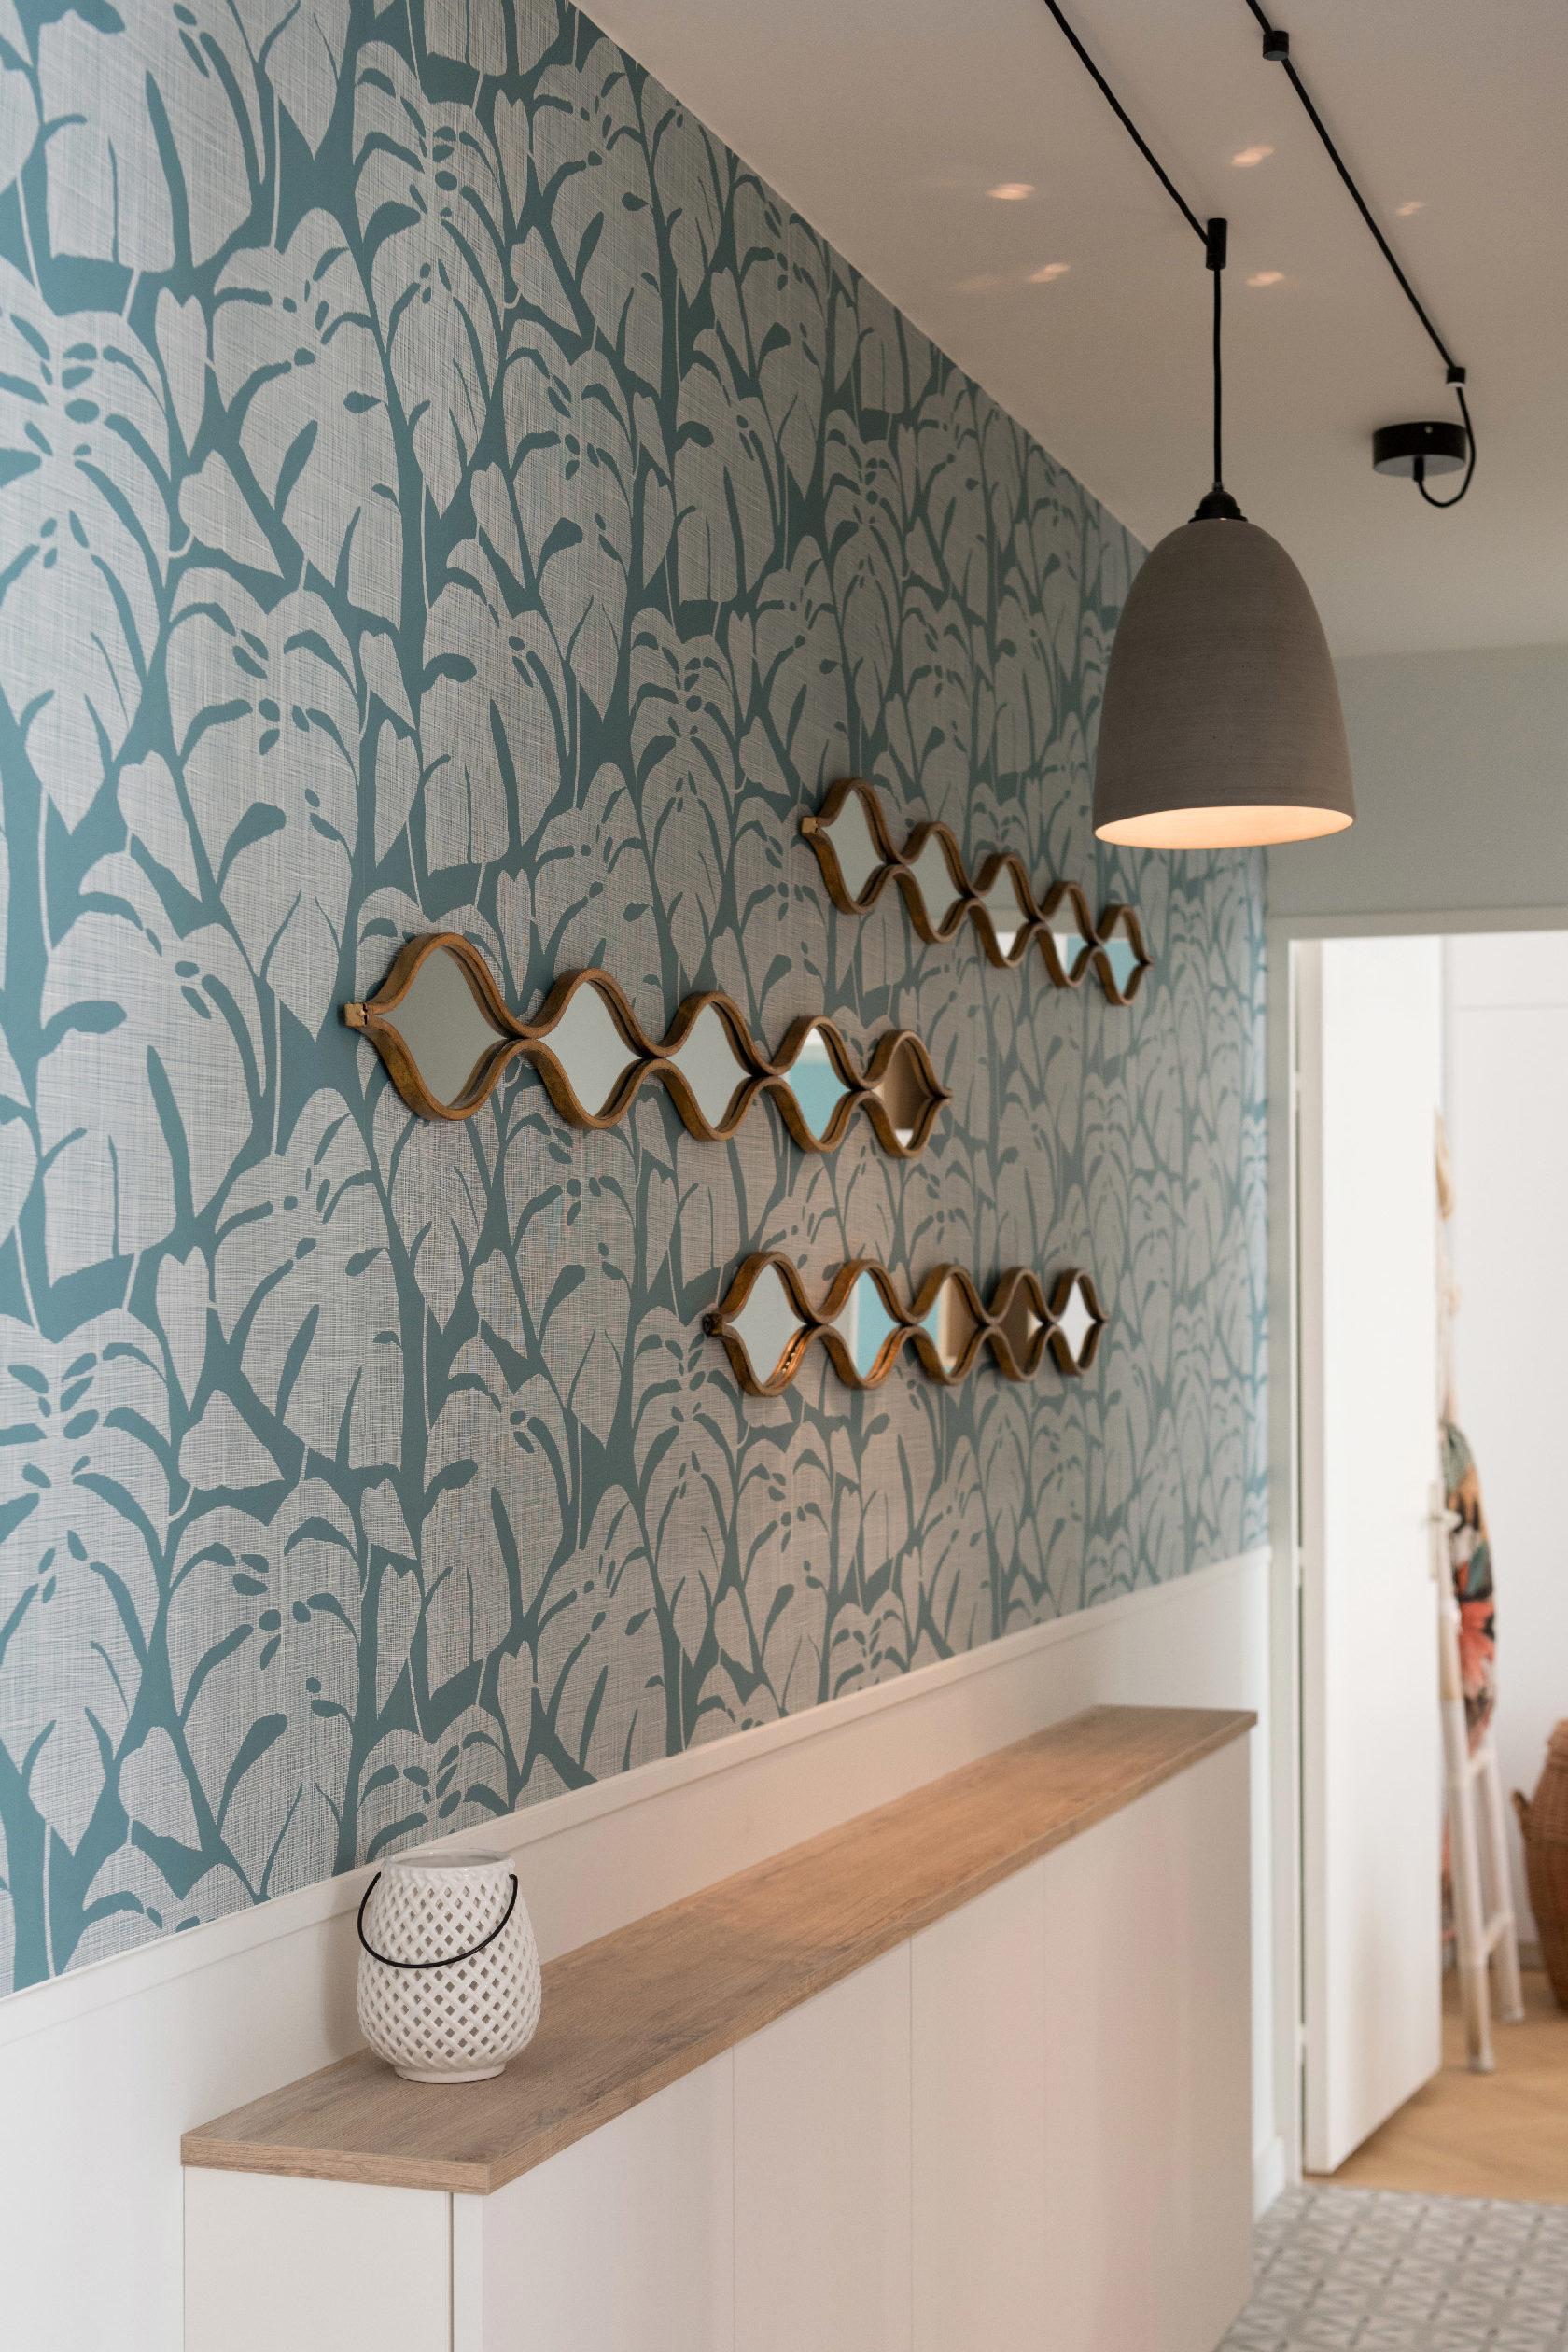 Les miroirs dorés apportent la touche finale au papier peint Missprint Guatemala et le dessin de ses feuilles de palmiers. Le meuble de rangement sur mesure permet beaucoup de rangements dans l'entrée.